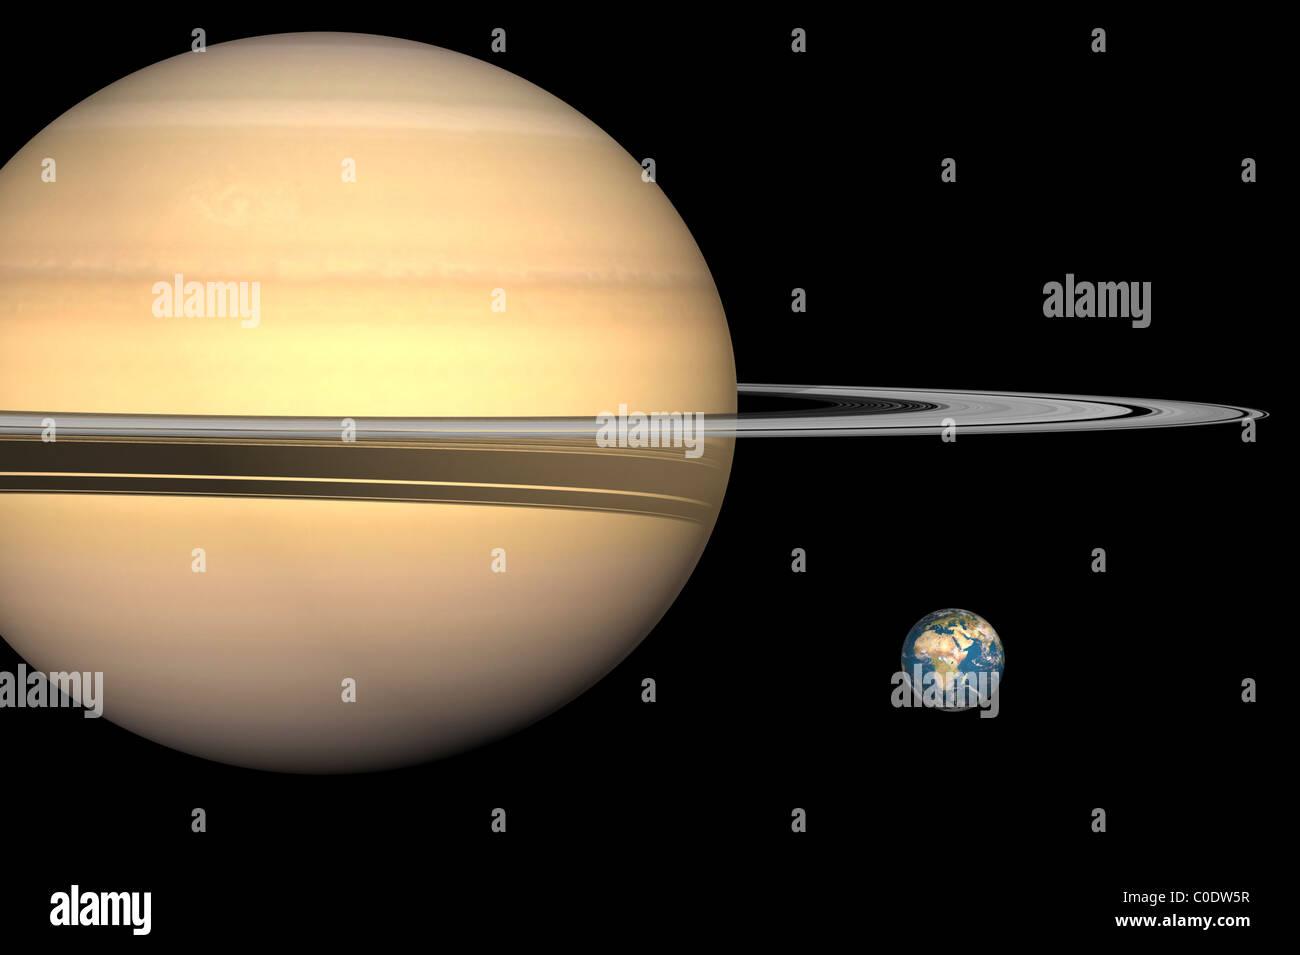 Ilustración de Saturno y de la tierra a escala. Imagen De Stock